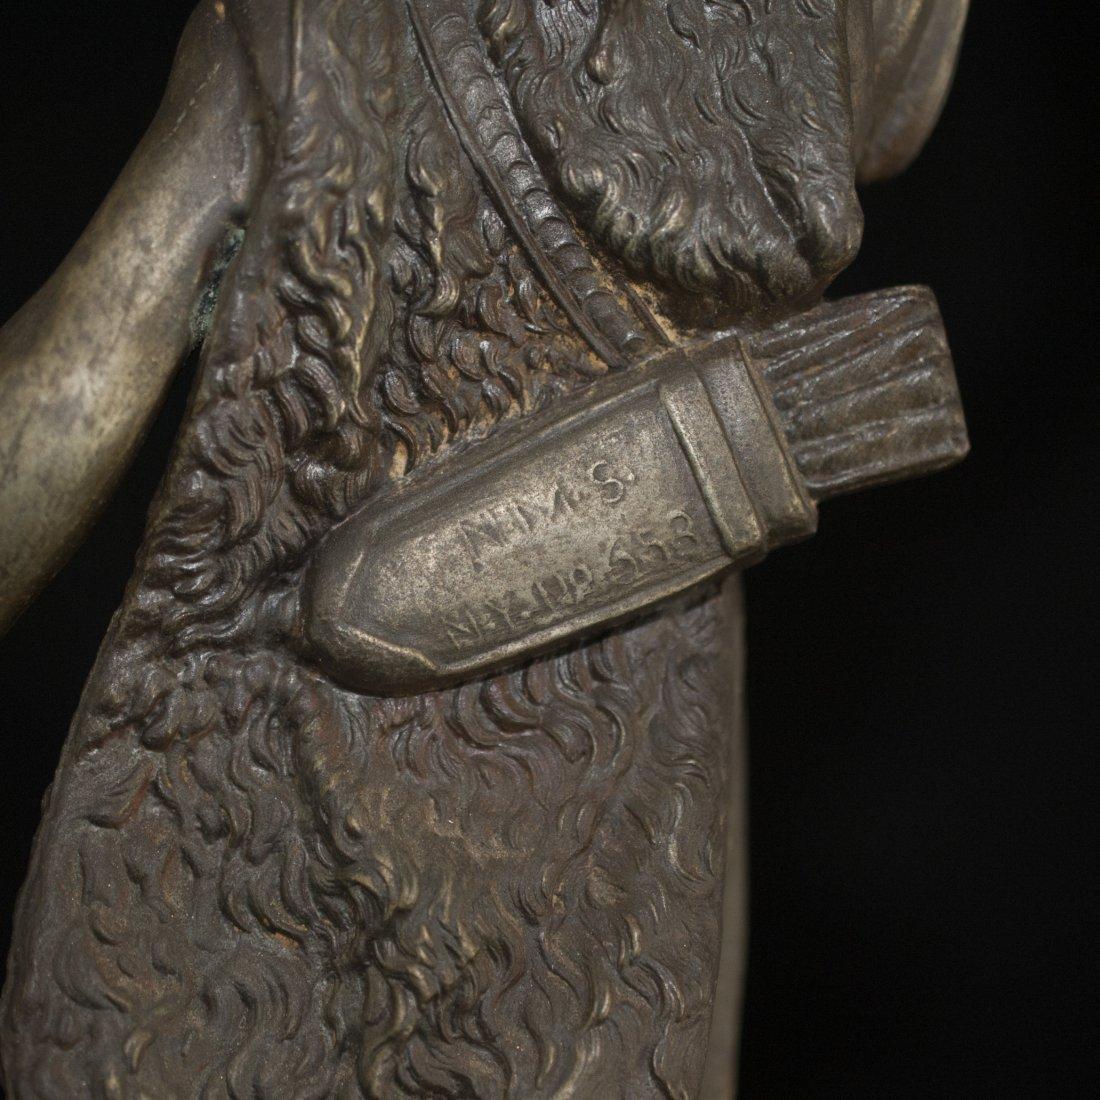 Pair of White Metal Greek God Figurines - 4